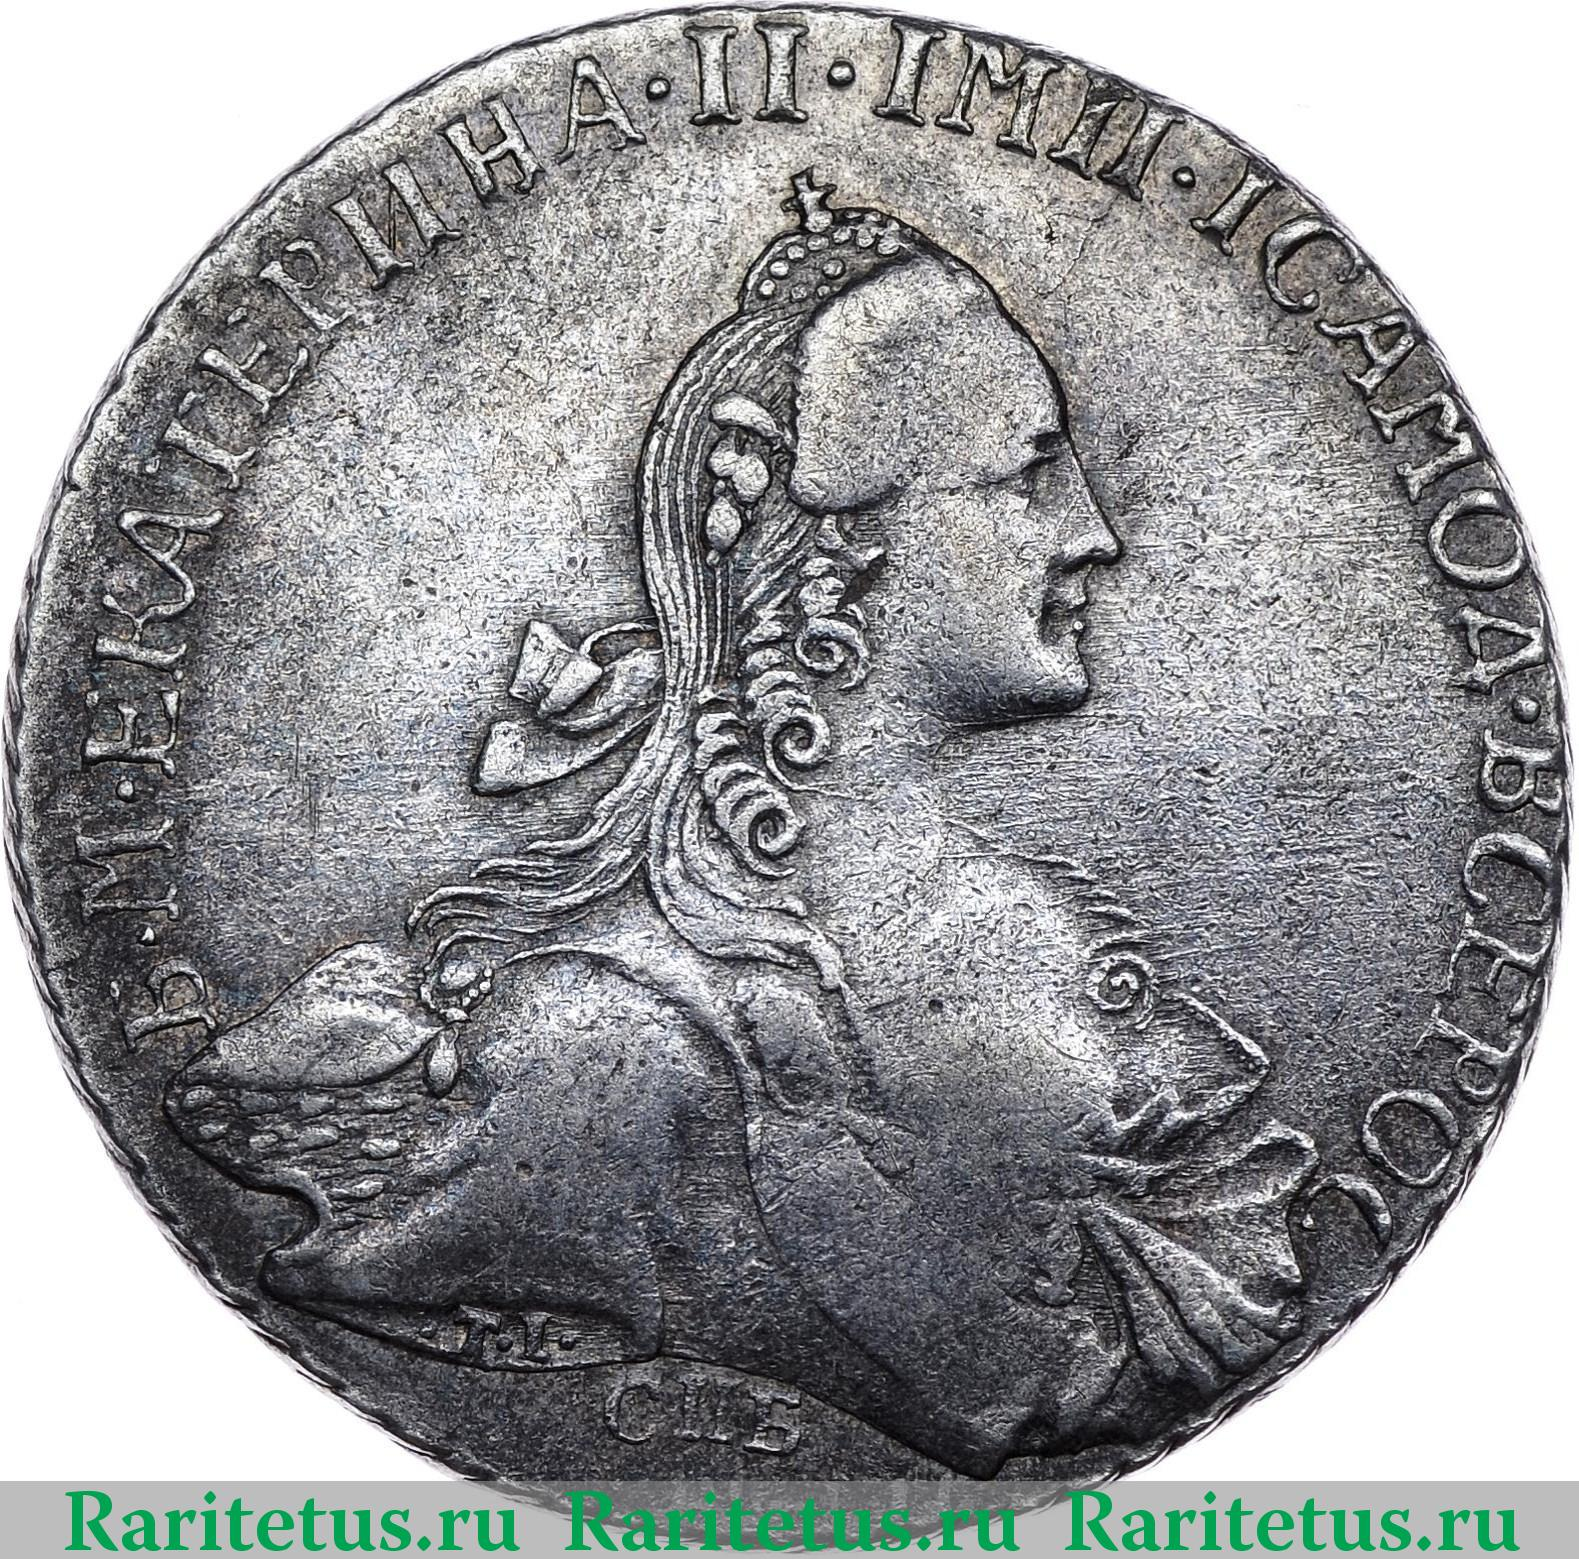 Аверс монеты 1 рубль 1766 года СПБ-TI-АШ грубый чекан